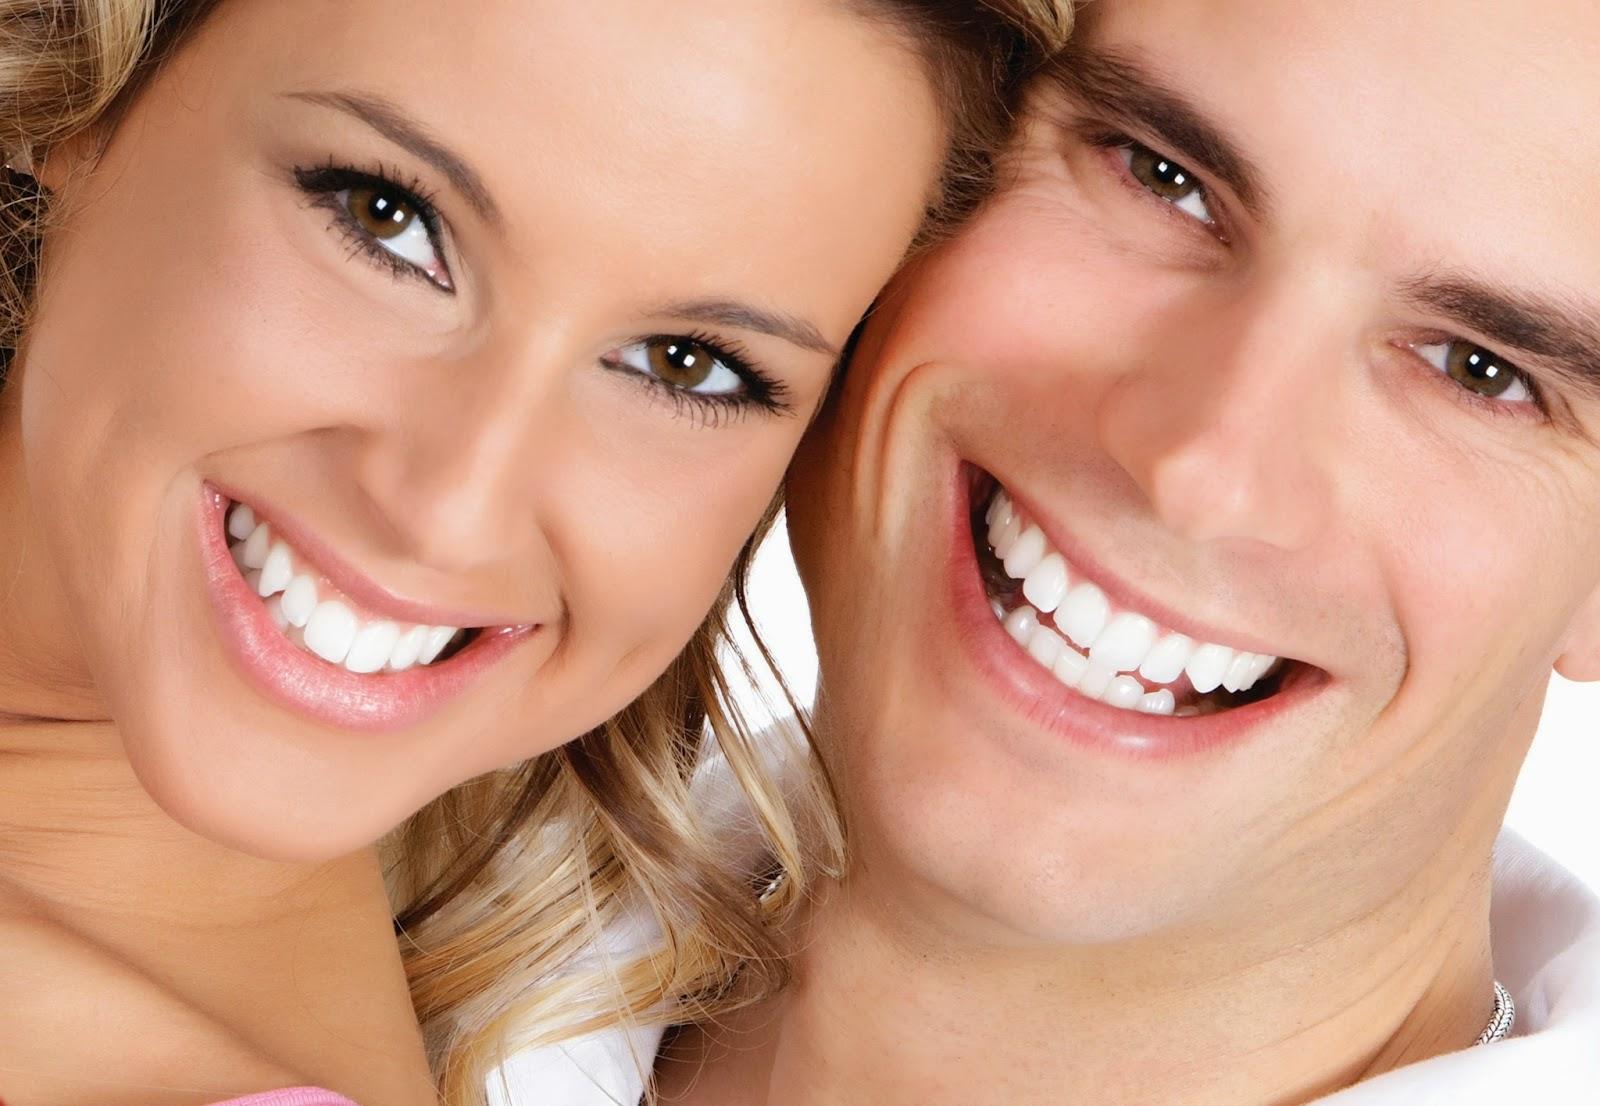 e1fa84cfe O uso diário de fio dental é um componente importante na remoção da placa